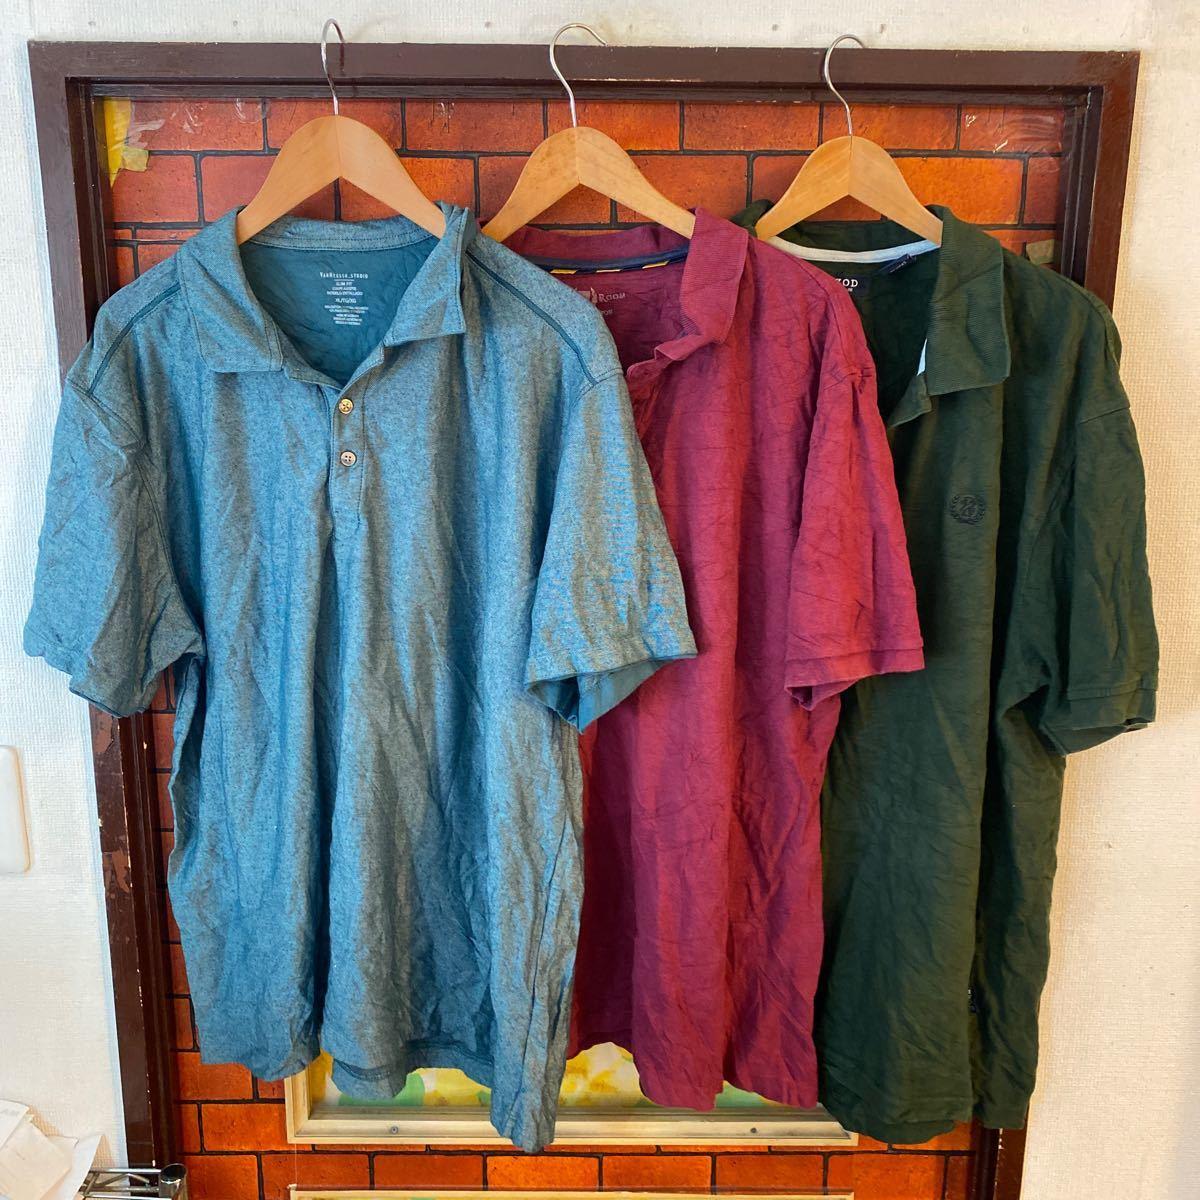 1円スタート ポロシャツ クールビズ まとめ売り 大量セット 6枚セット ワーク スタッフ アメリカ古着 XL _画像1